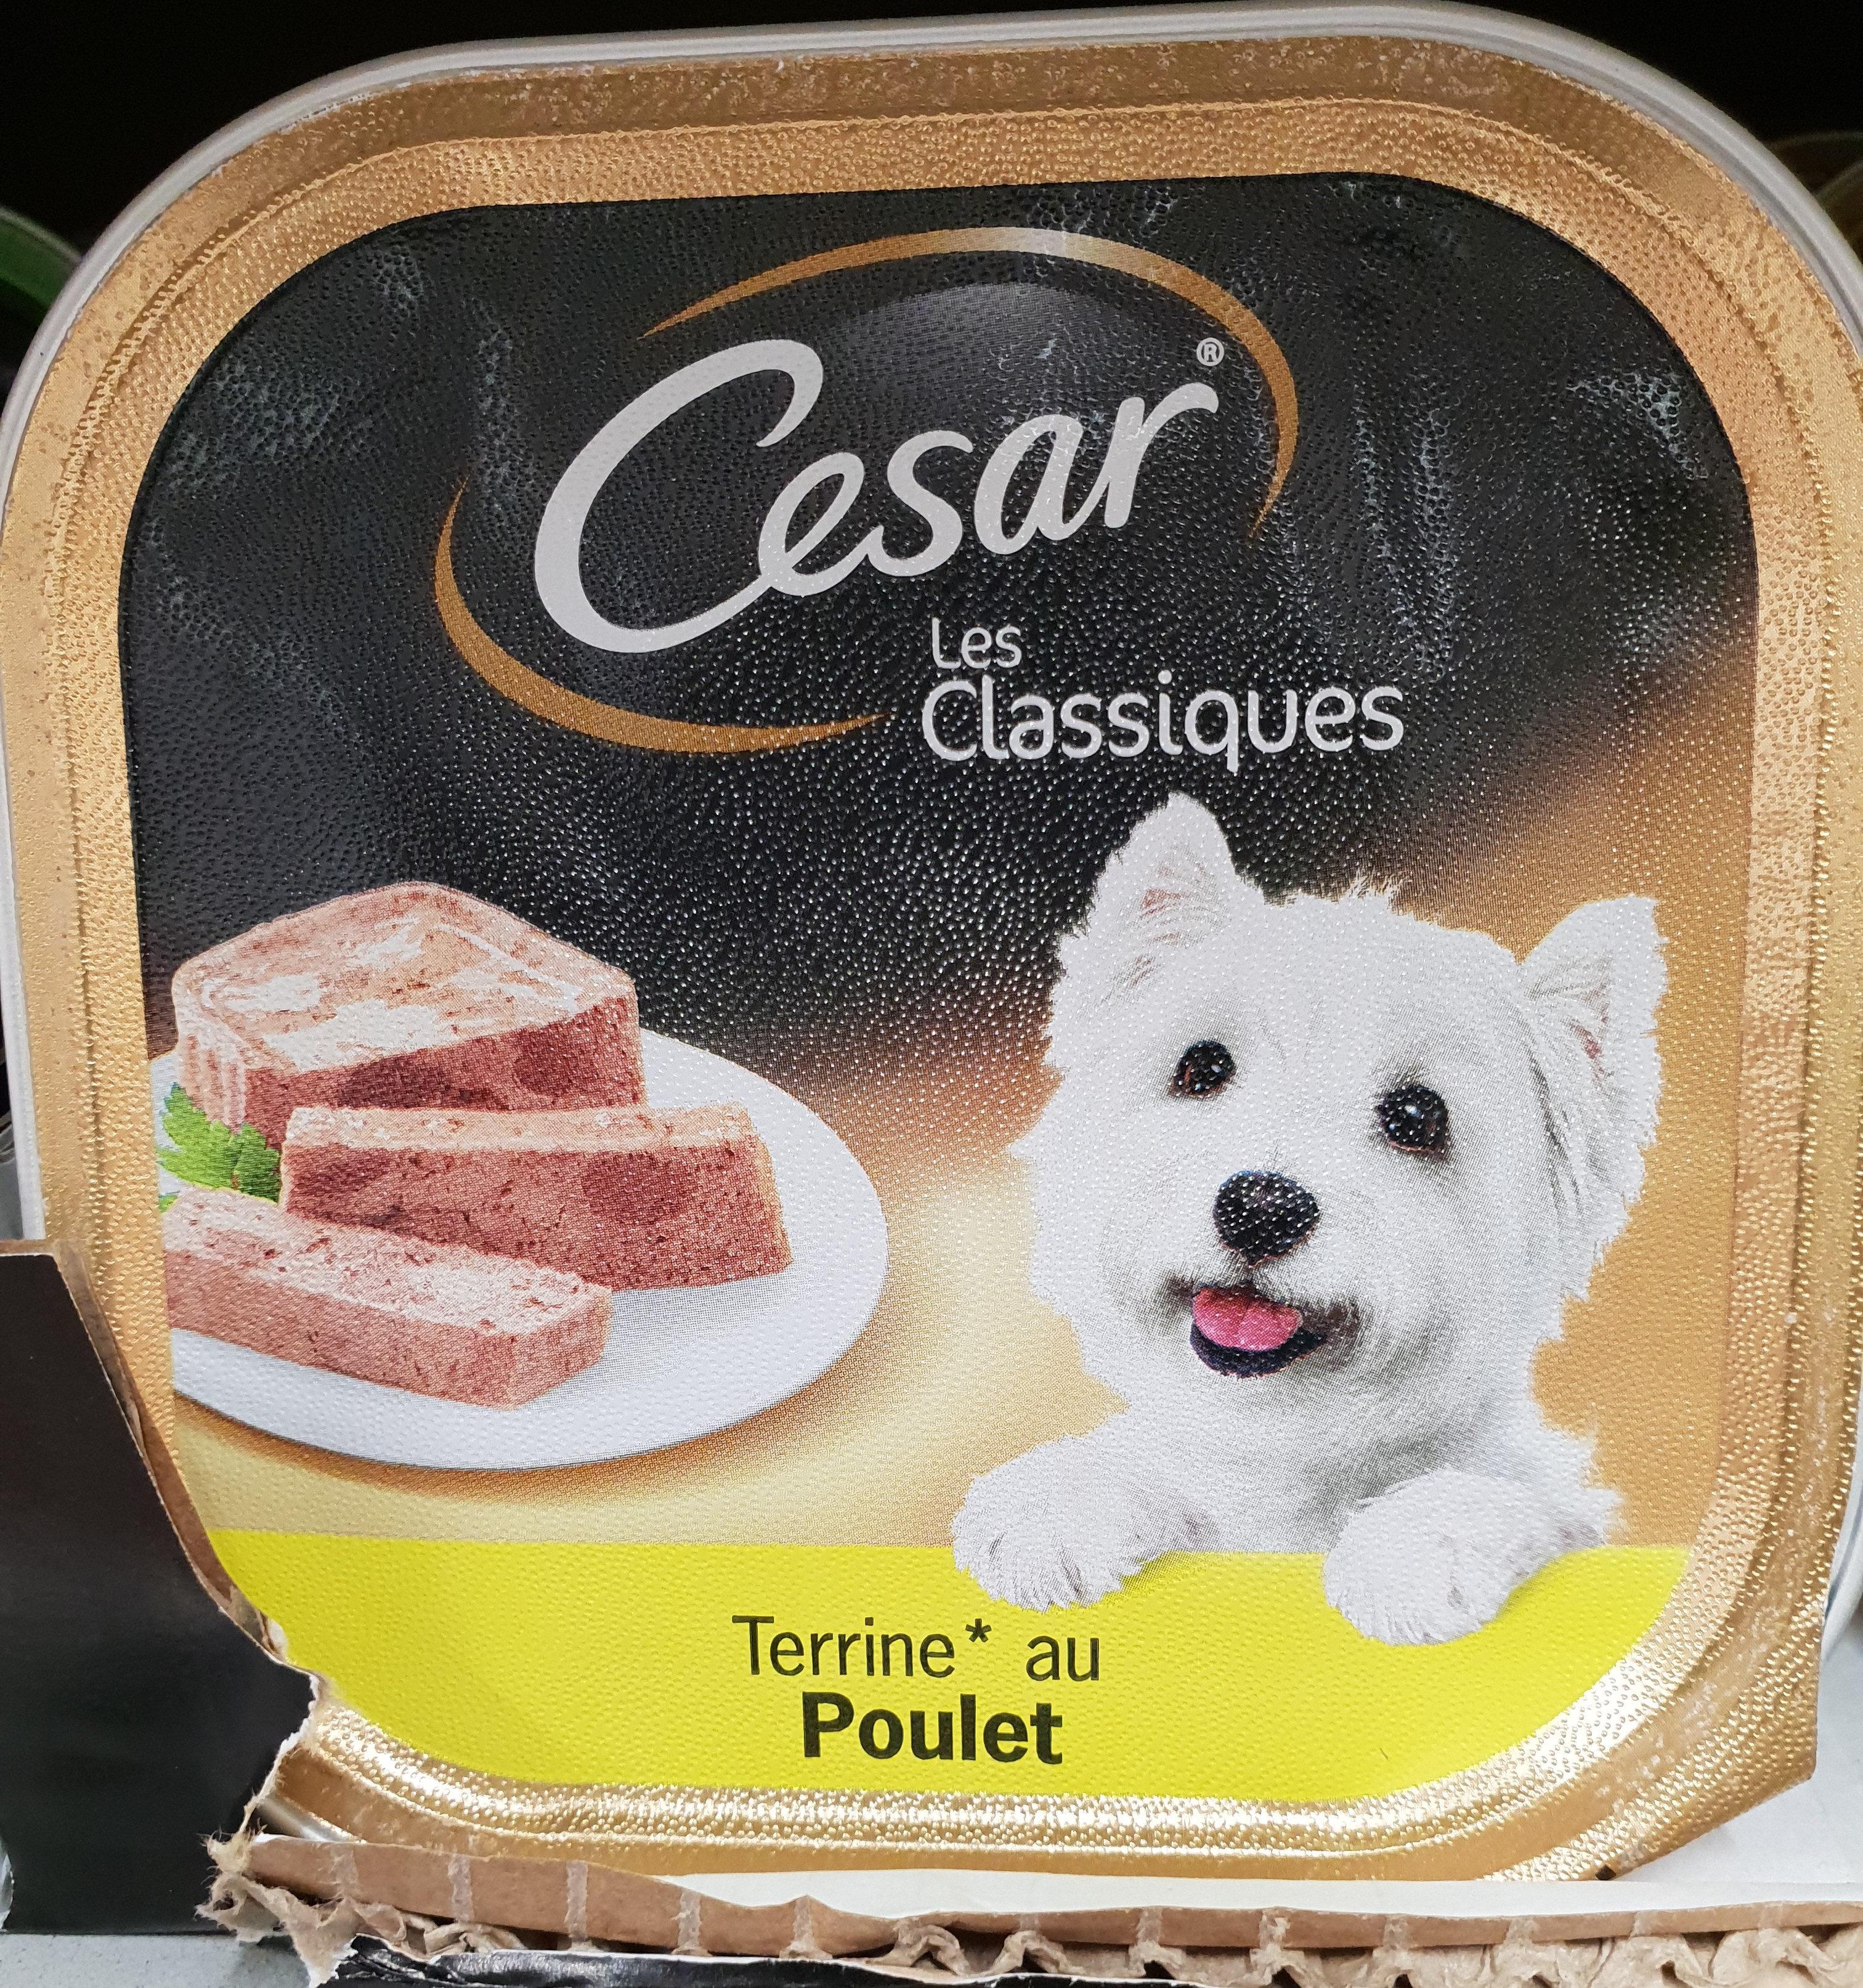 Aliment complet pour chiens aux fines bouchées de poulet - Product